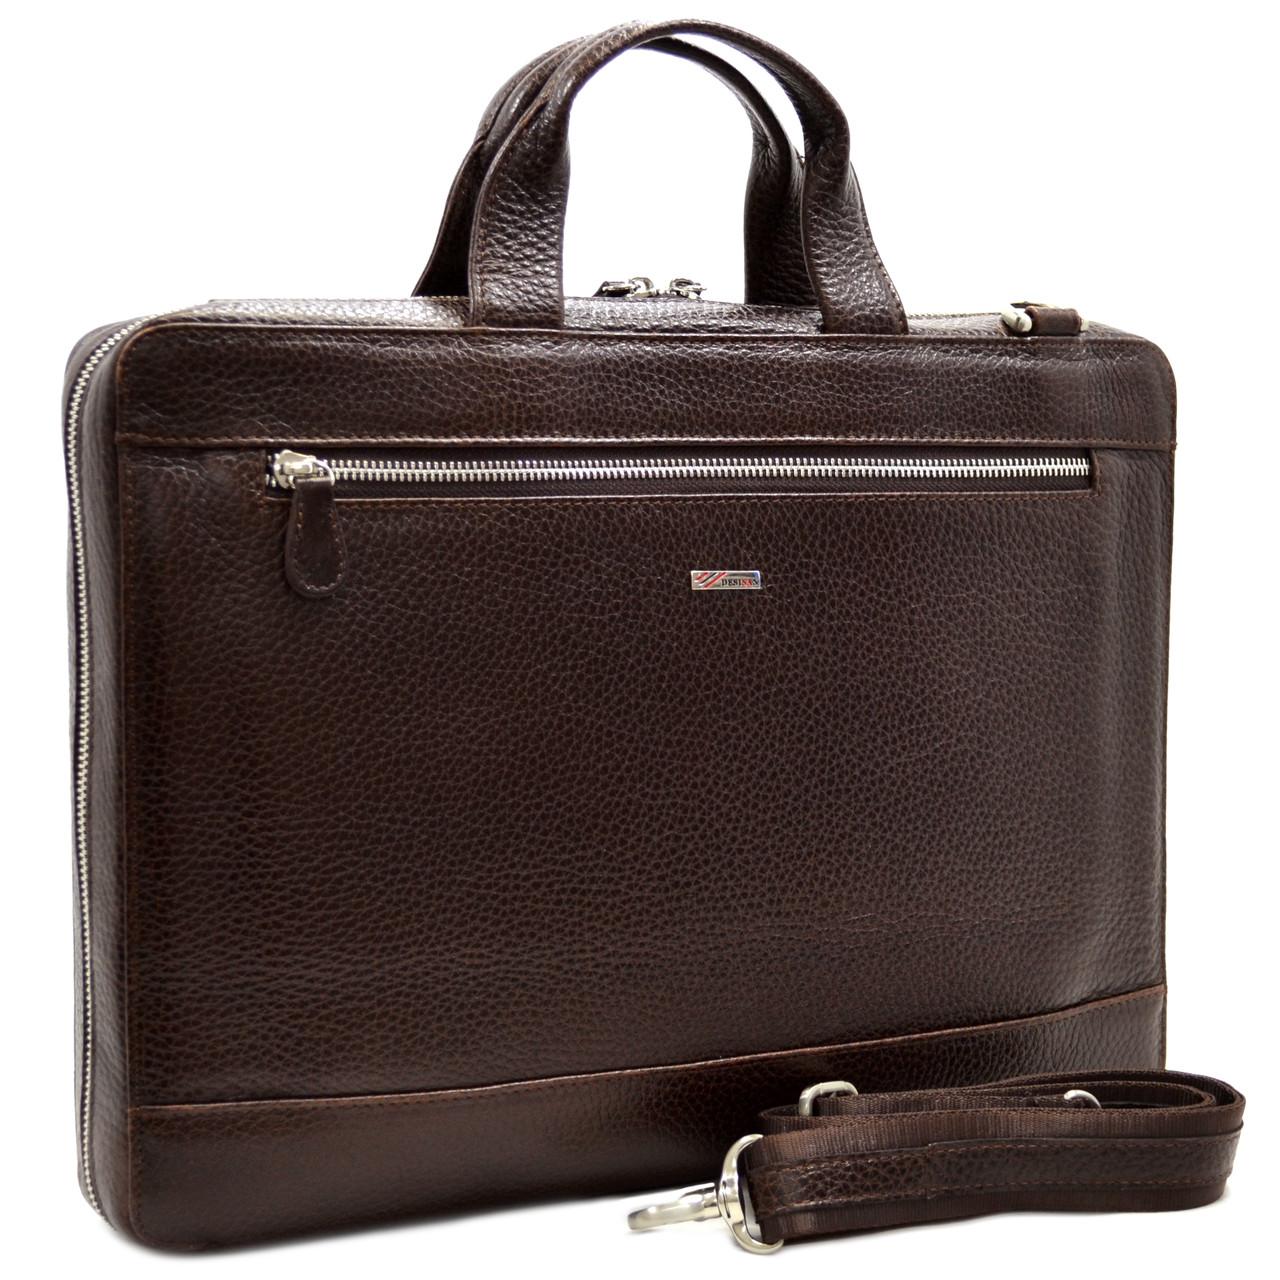 35dbfb11b75f Кожаная мужская сумка для документов Desisan - Интернет-магазин